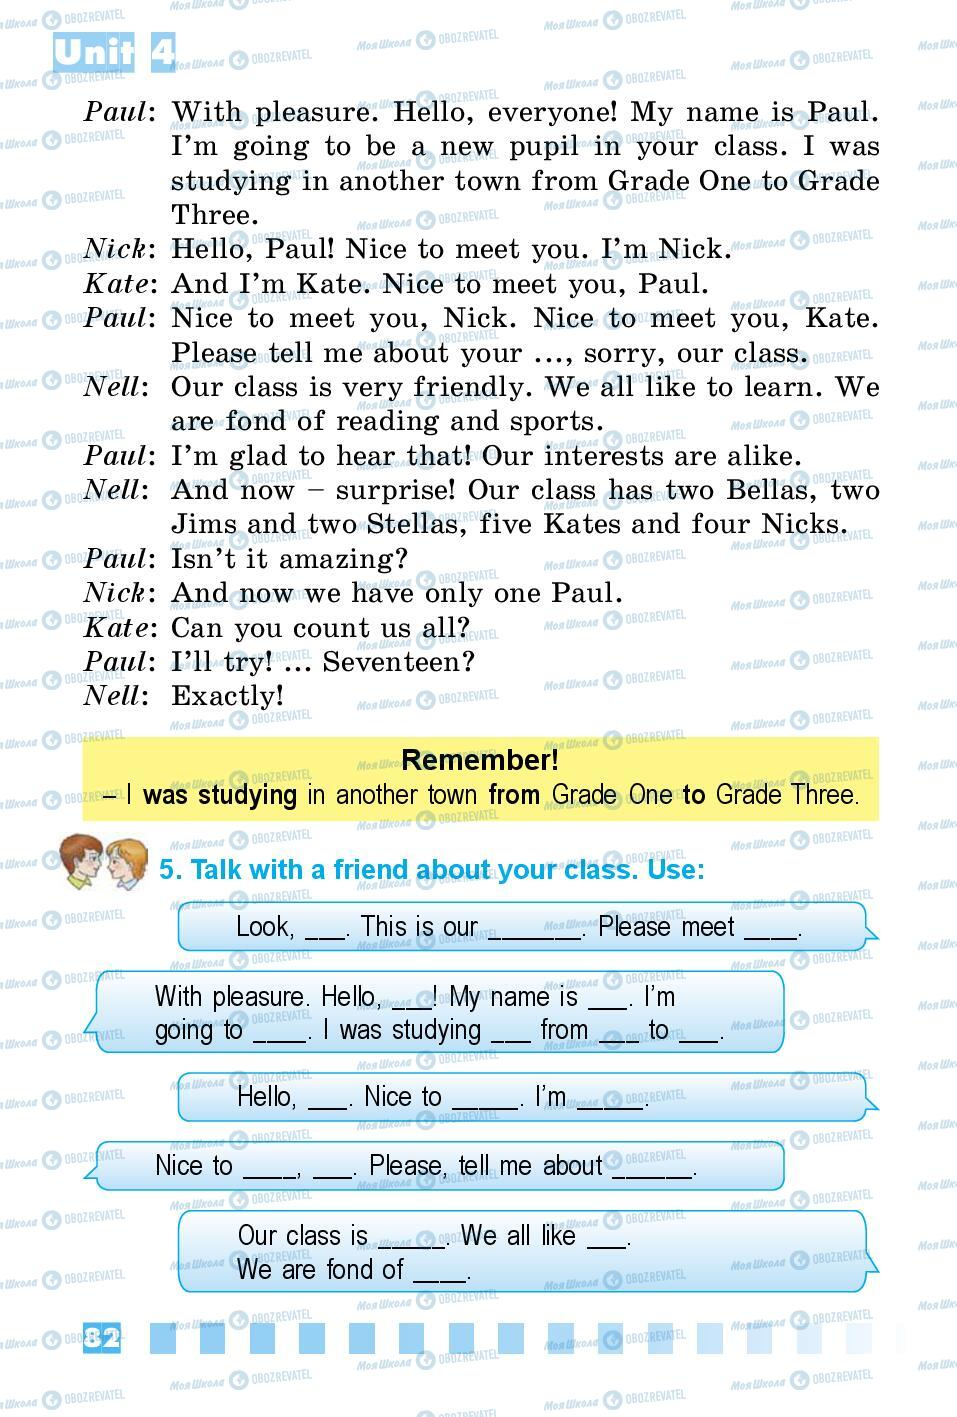 Підручники Англійська мова 3 клас сторінка 82